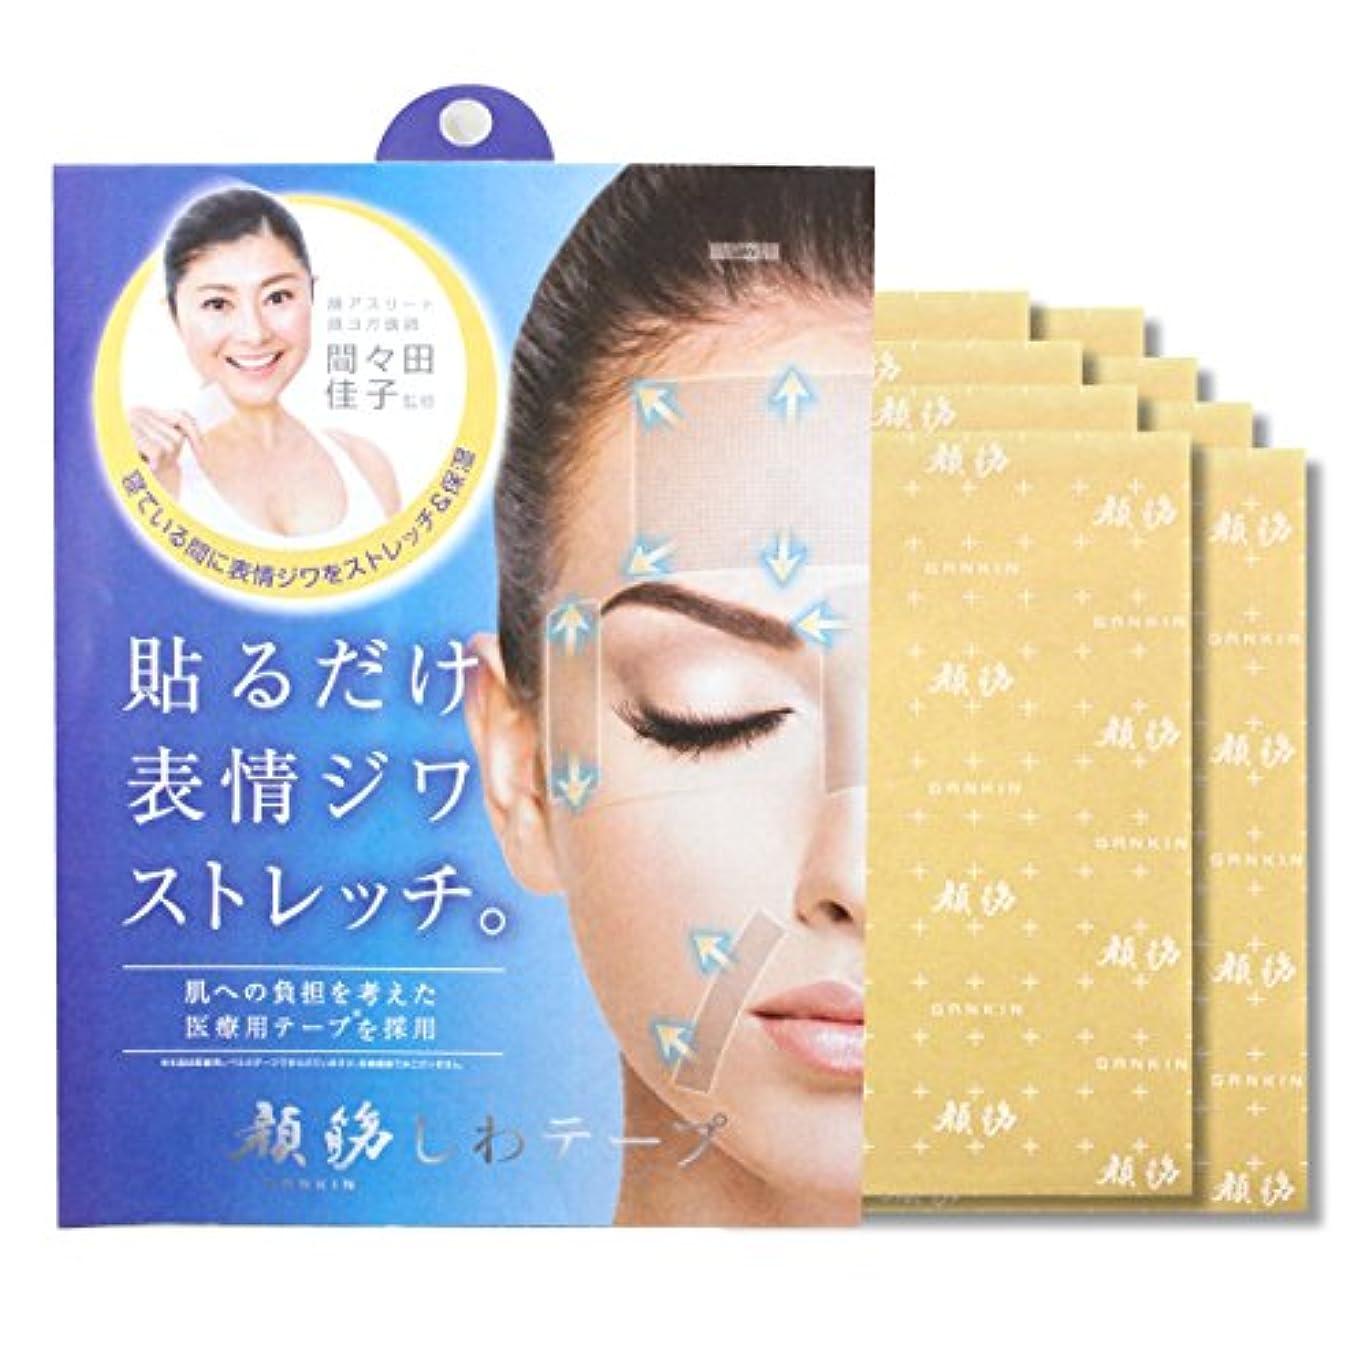 可能性みがきます修正する顔筋シワテープ (8枚組)